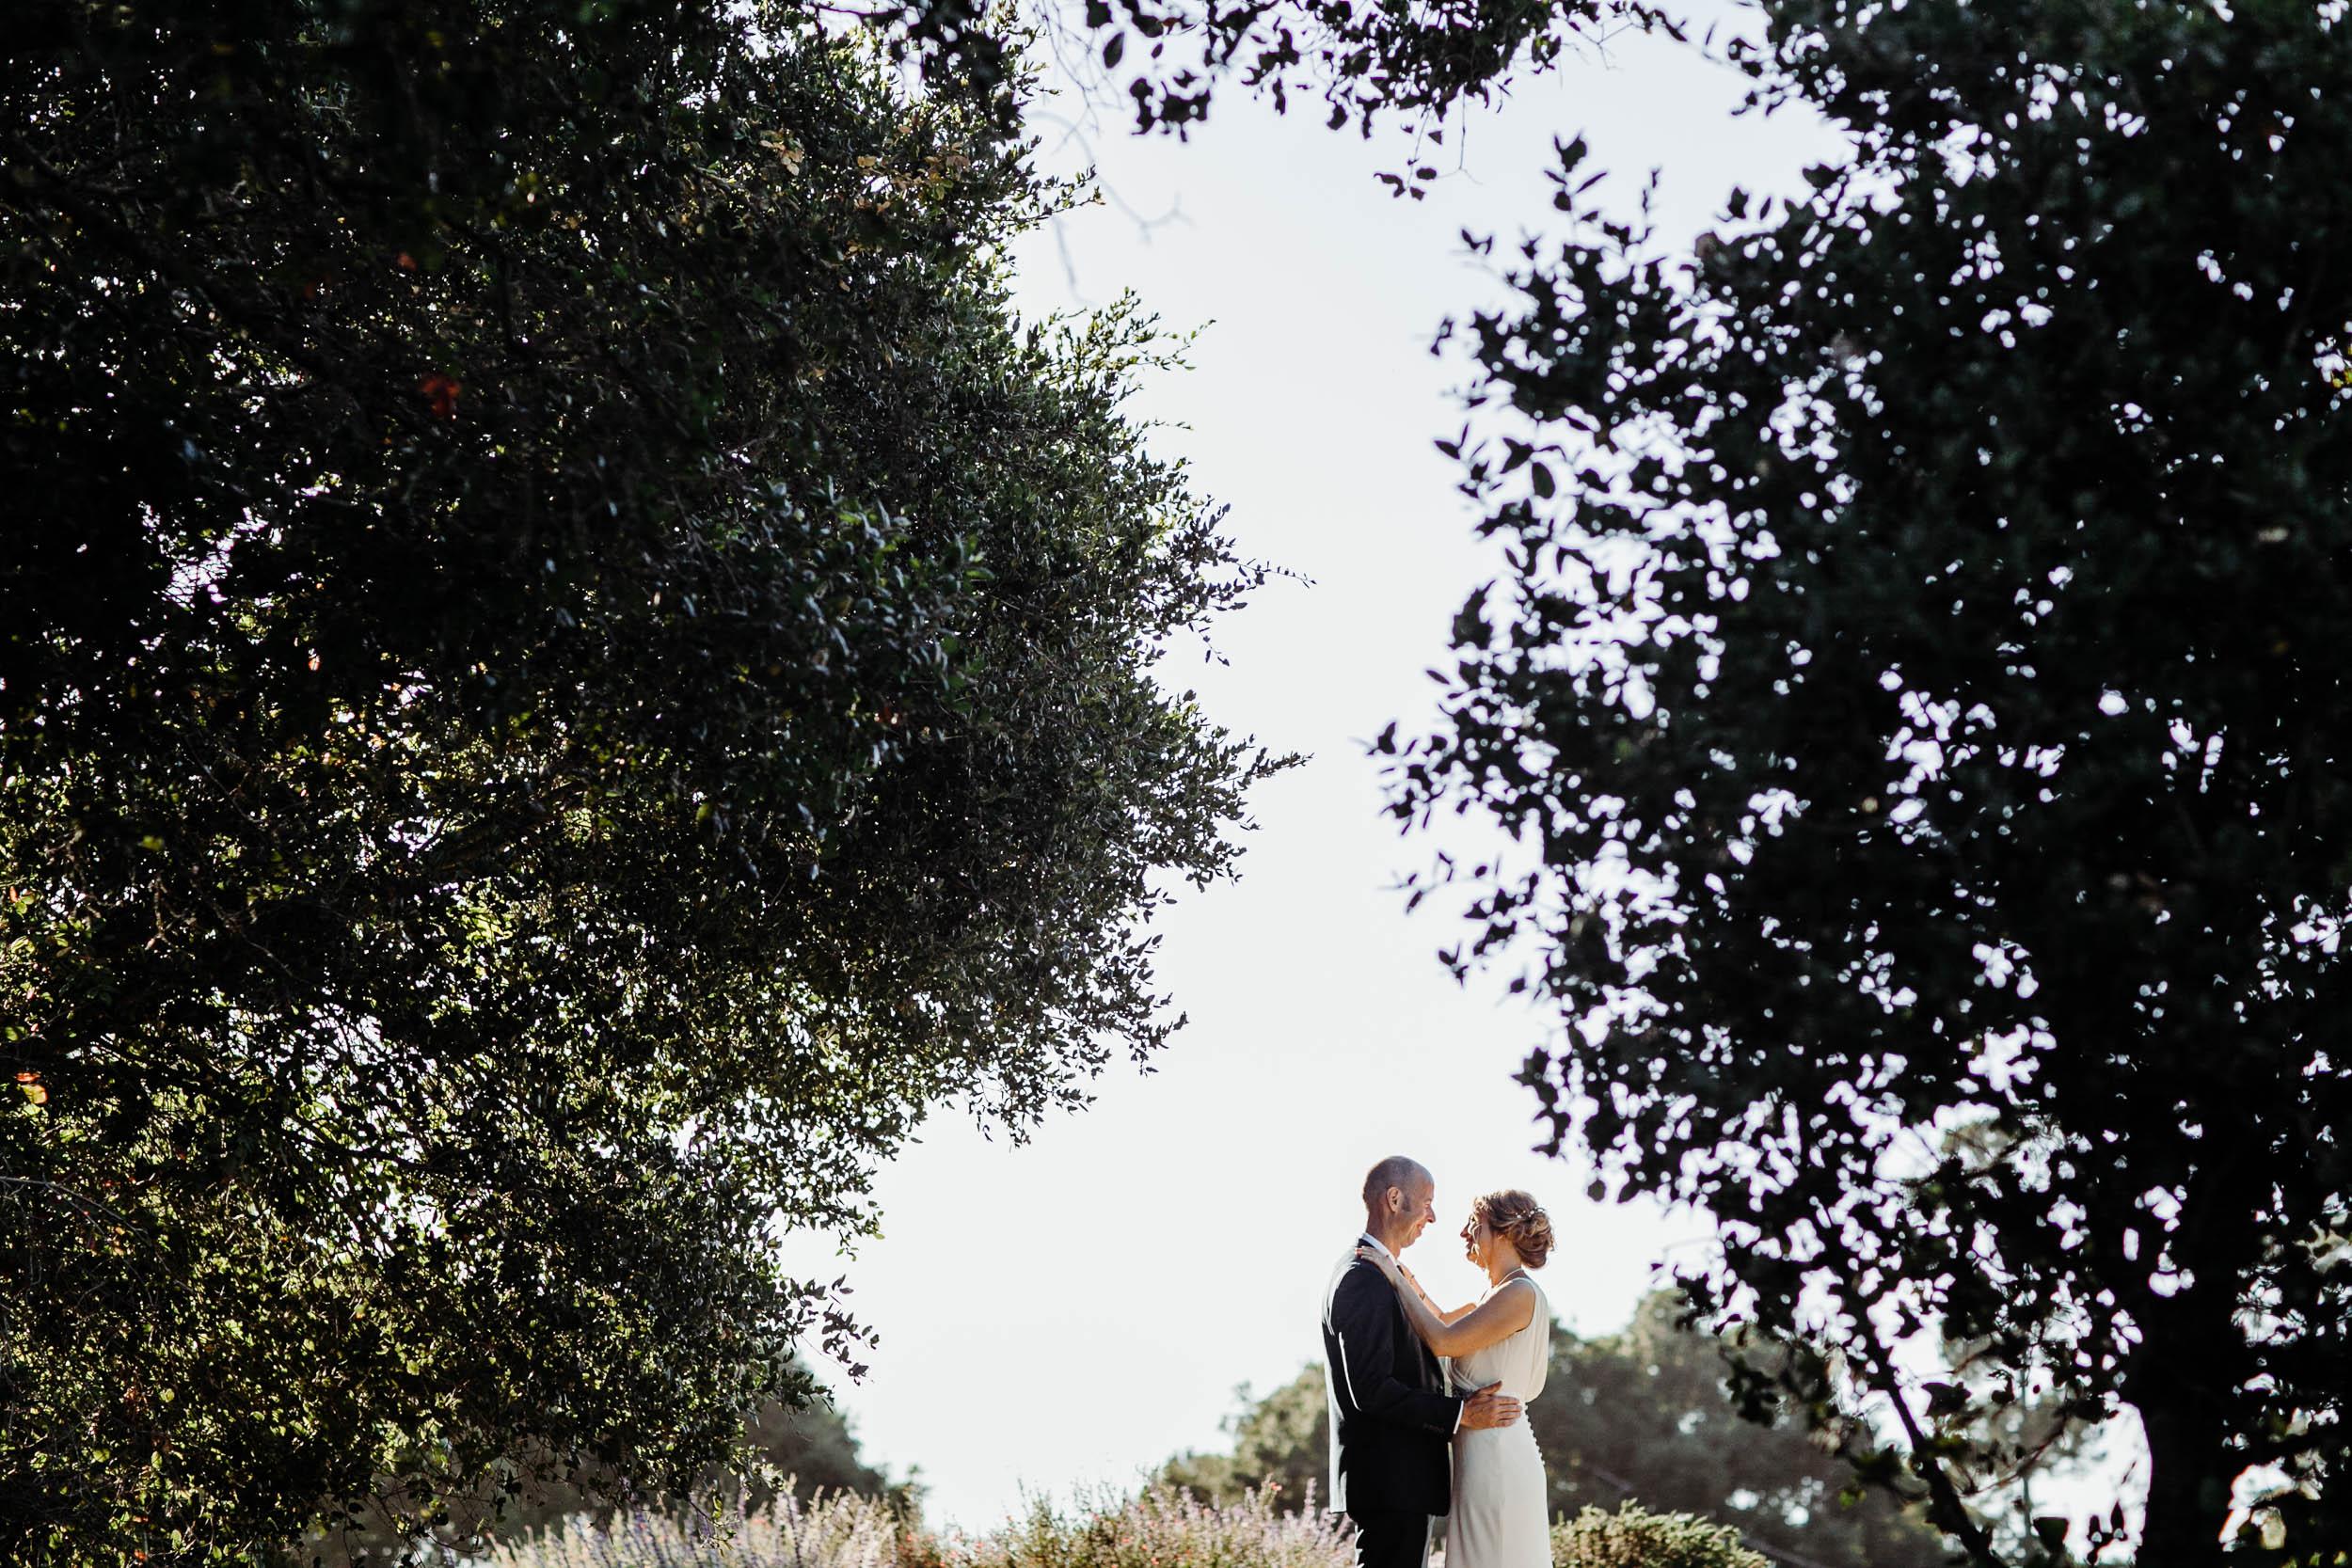 Corkscrew Cafe Carmel Valley Wedding_Buena Lane Photography